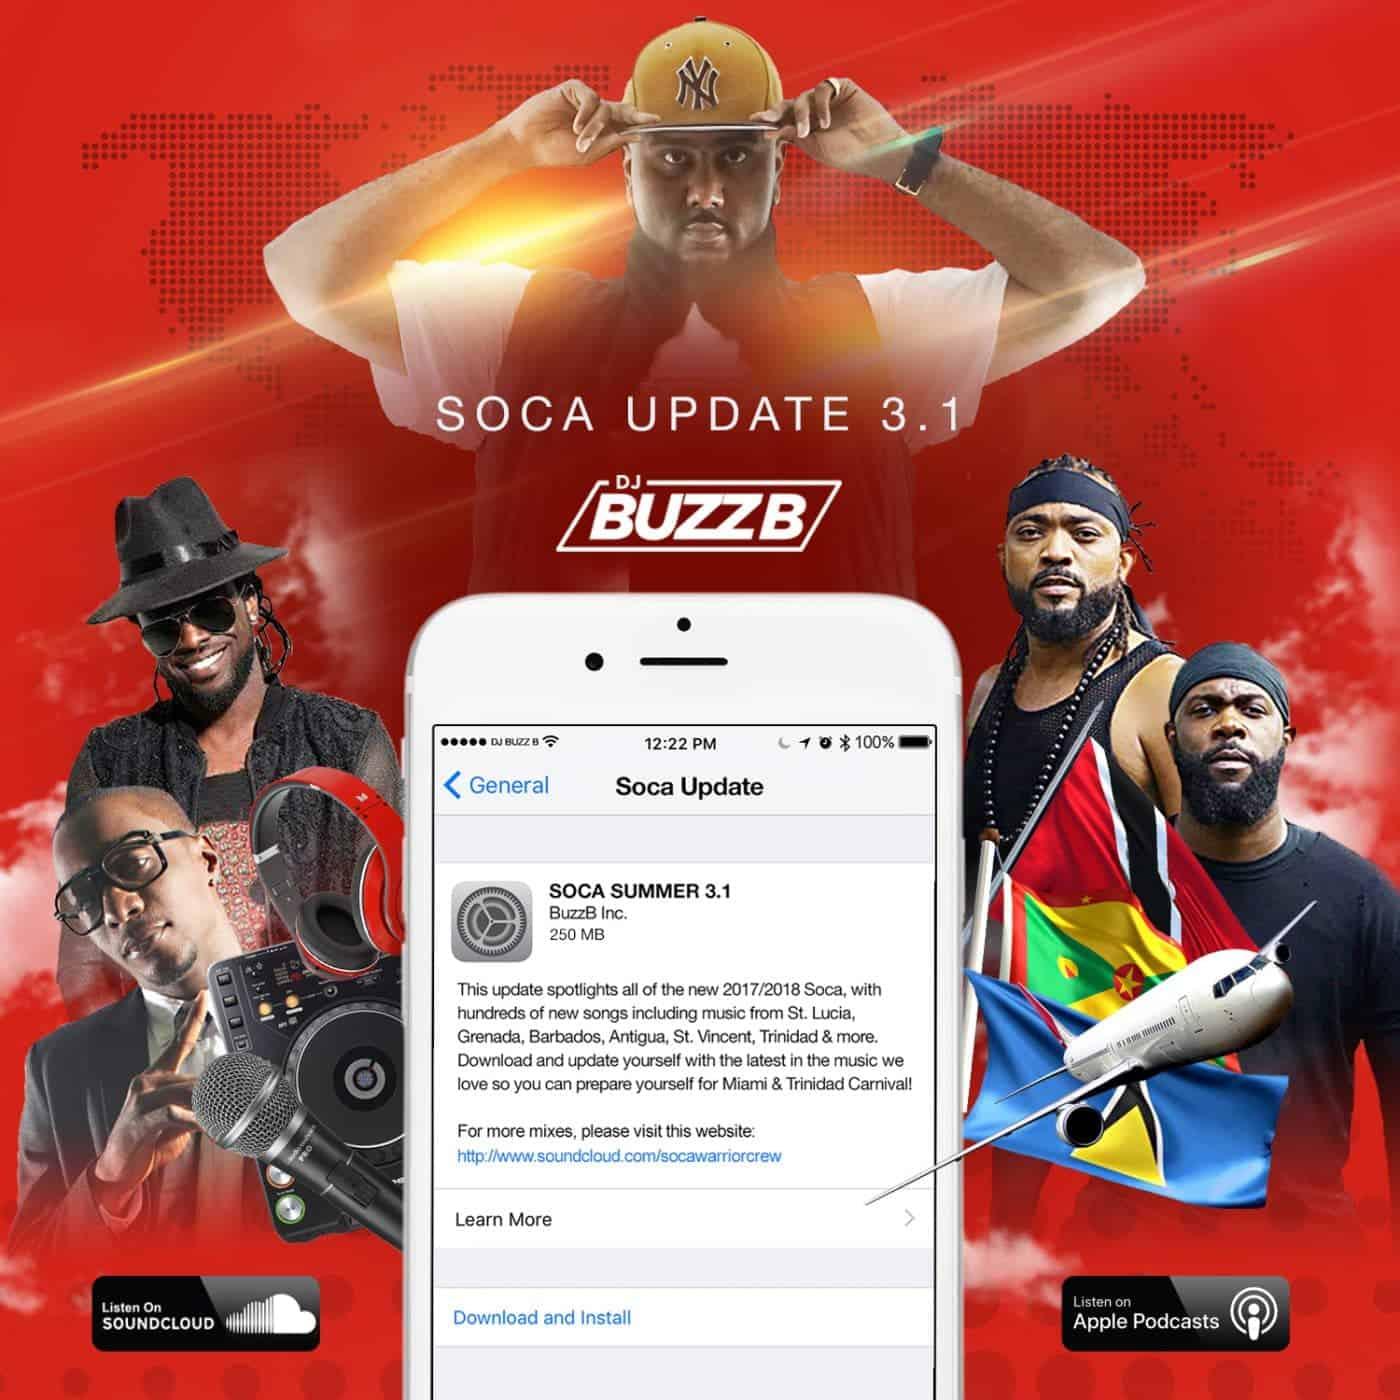 SOCA UPDATE 3.1 MIXED BY DJ BUZZB - 2017 / 2018 SOCA MIX